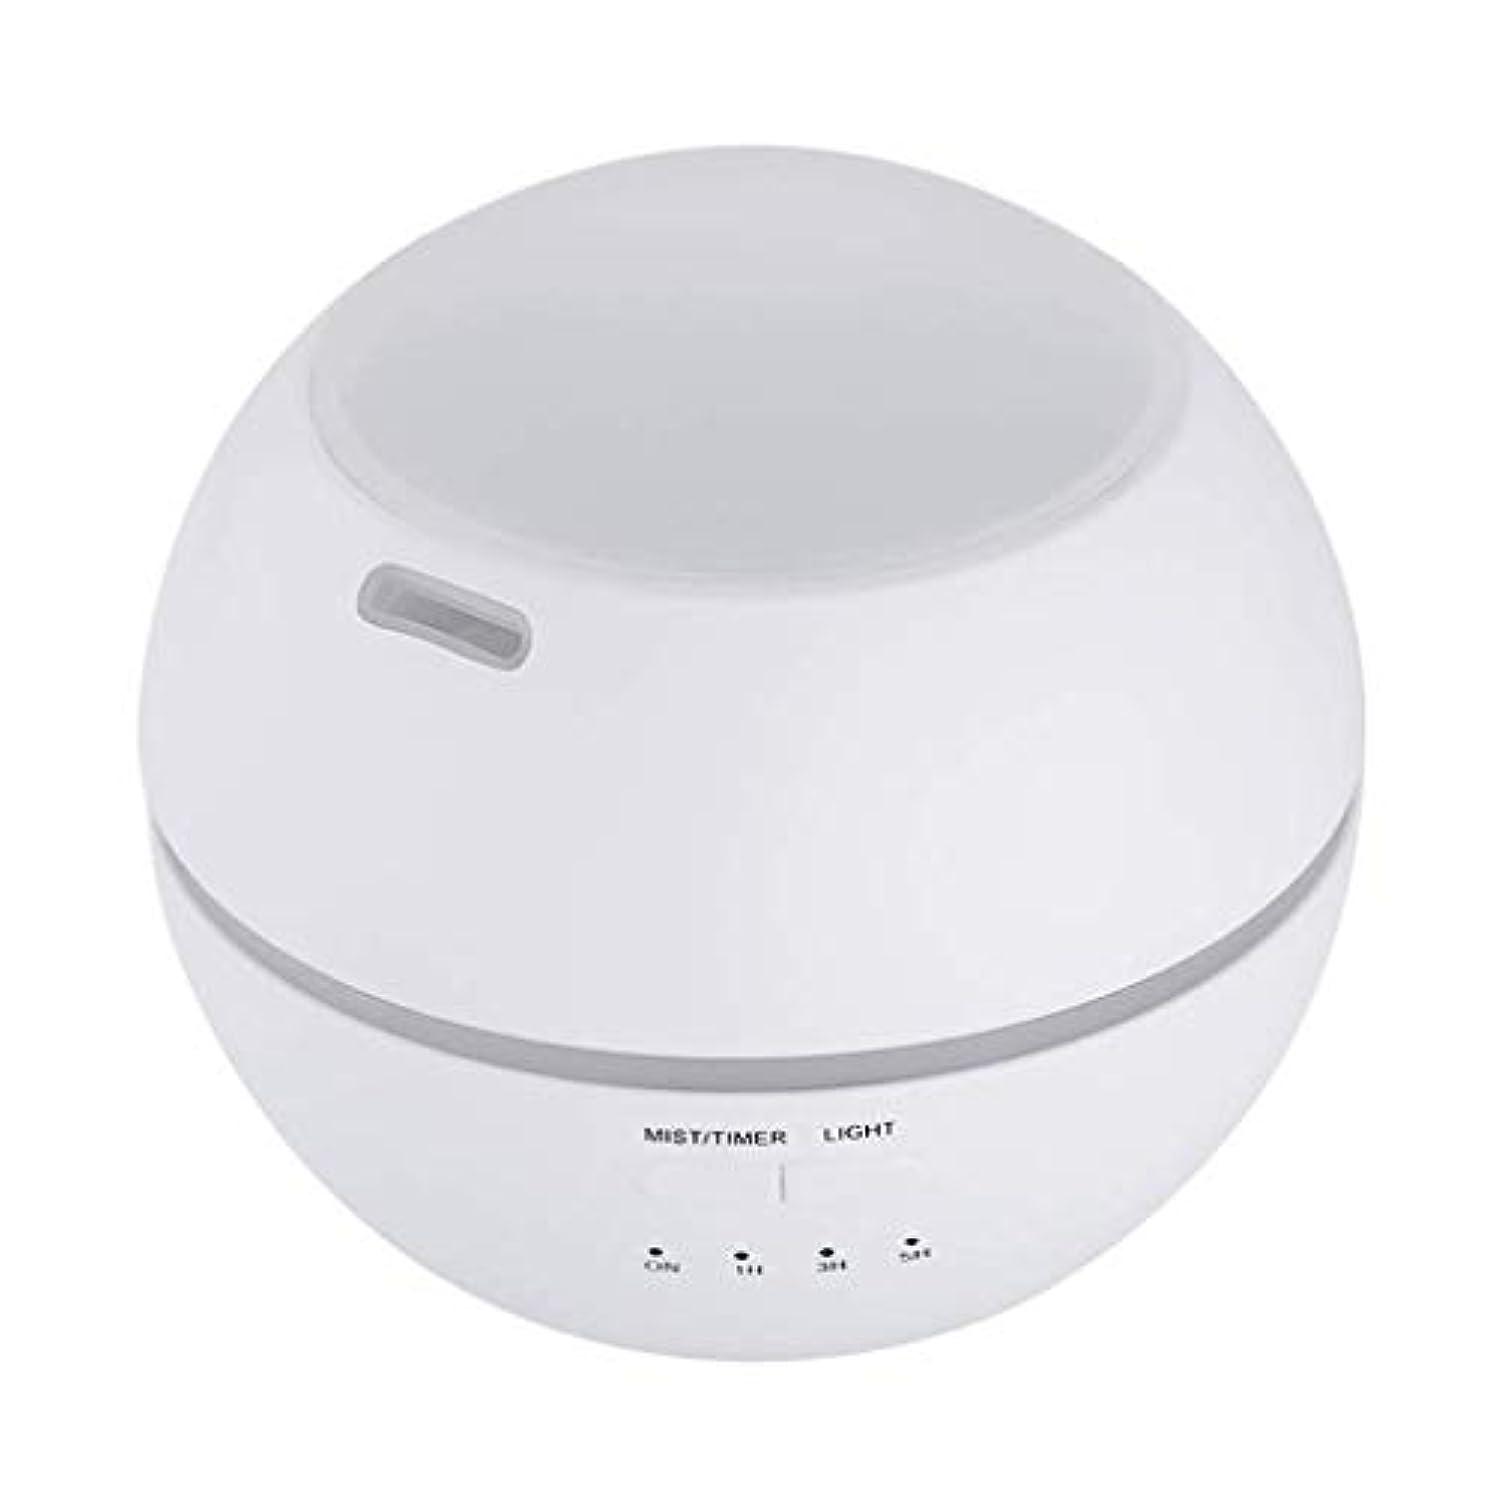 不機嫌そうな謎めいた振りかける加湿器、ポータブルアロマテラピーランプ、エッセンシャルオイルディフューザー加湿器、LEDランプの色を変える、空気清浄アロマテラピーマシン、サイレント家庭用 (Color : 白)